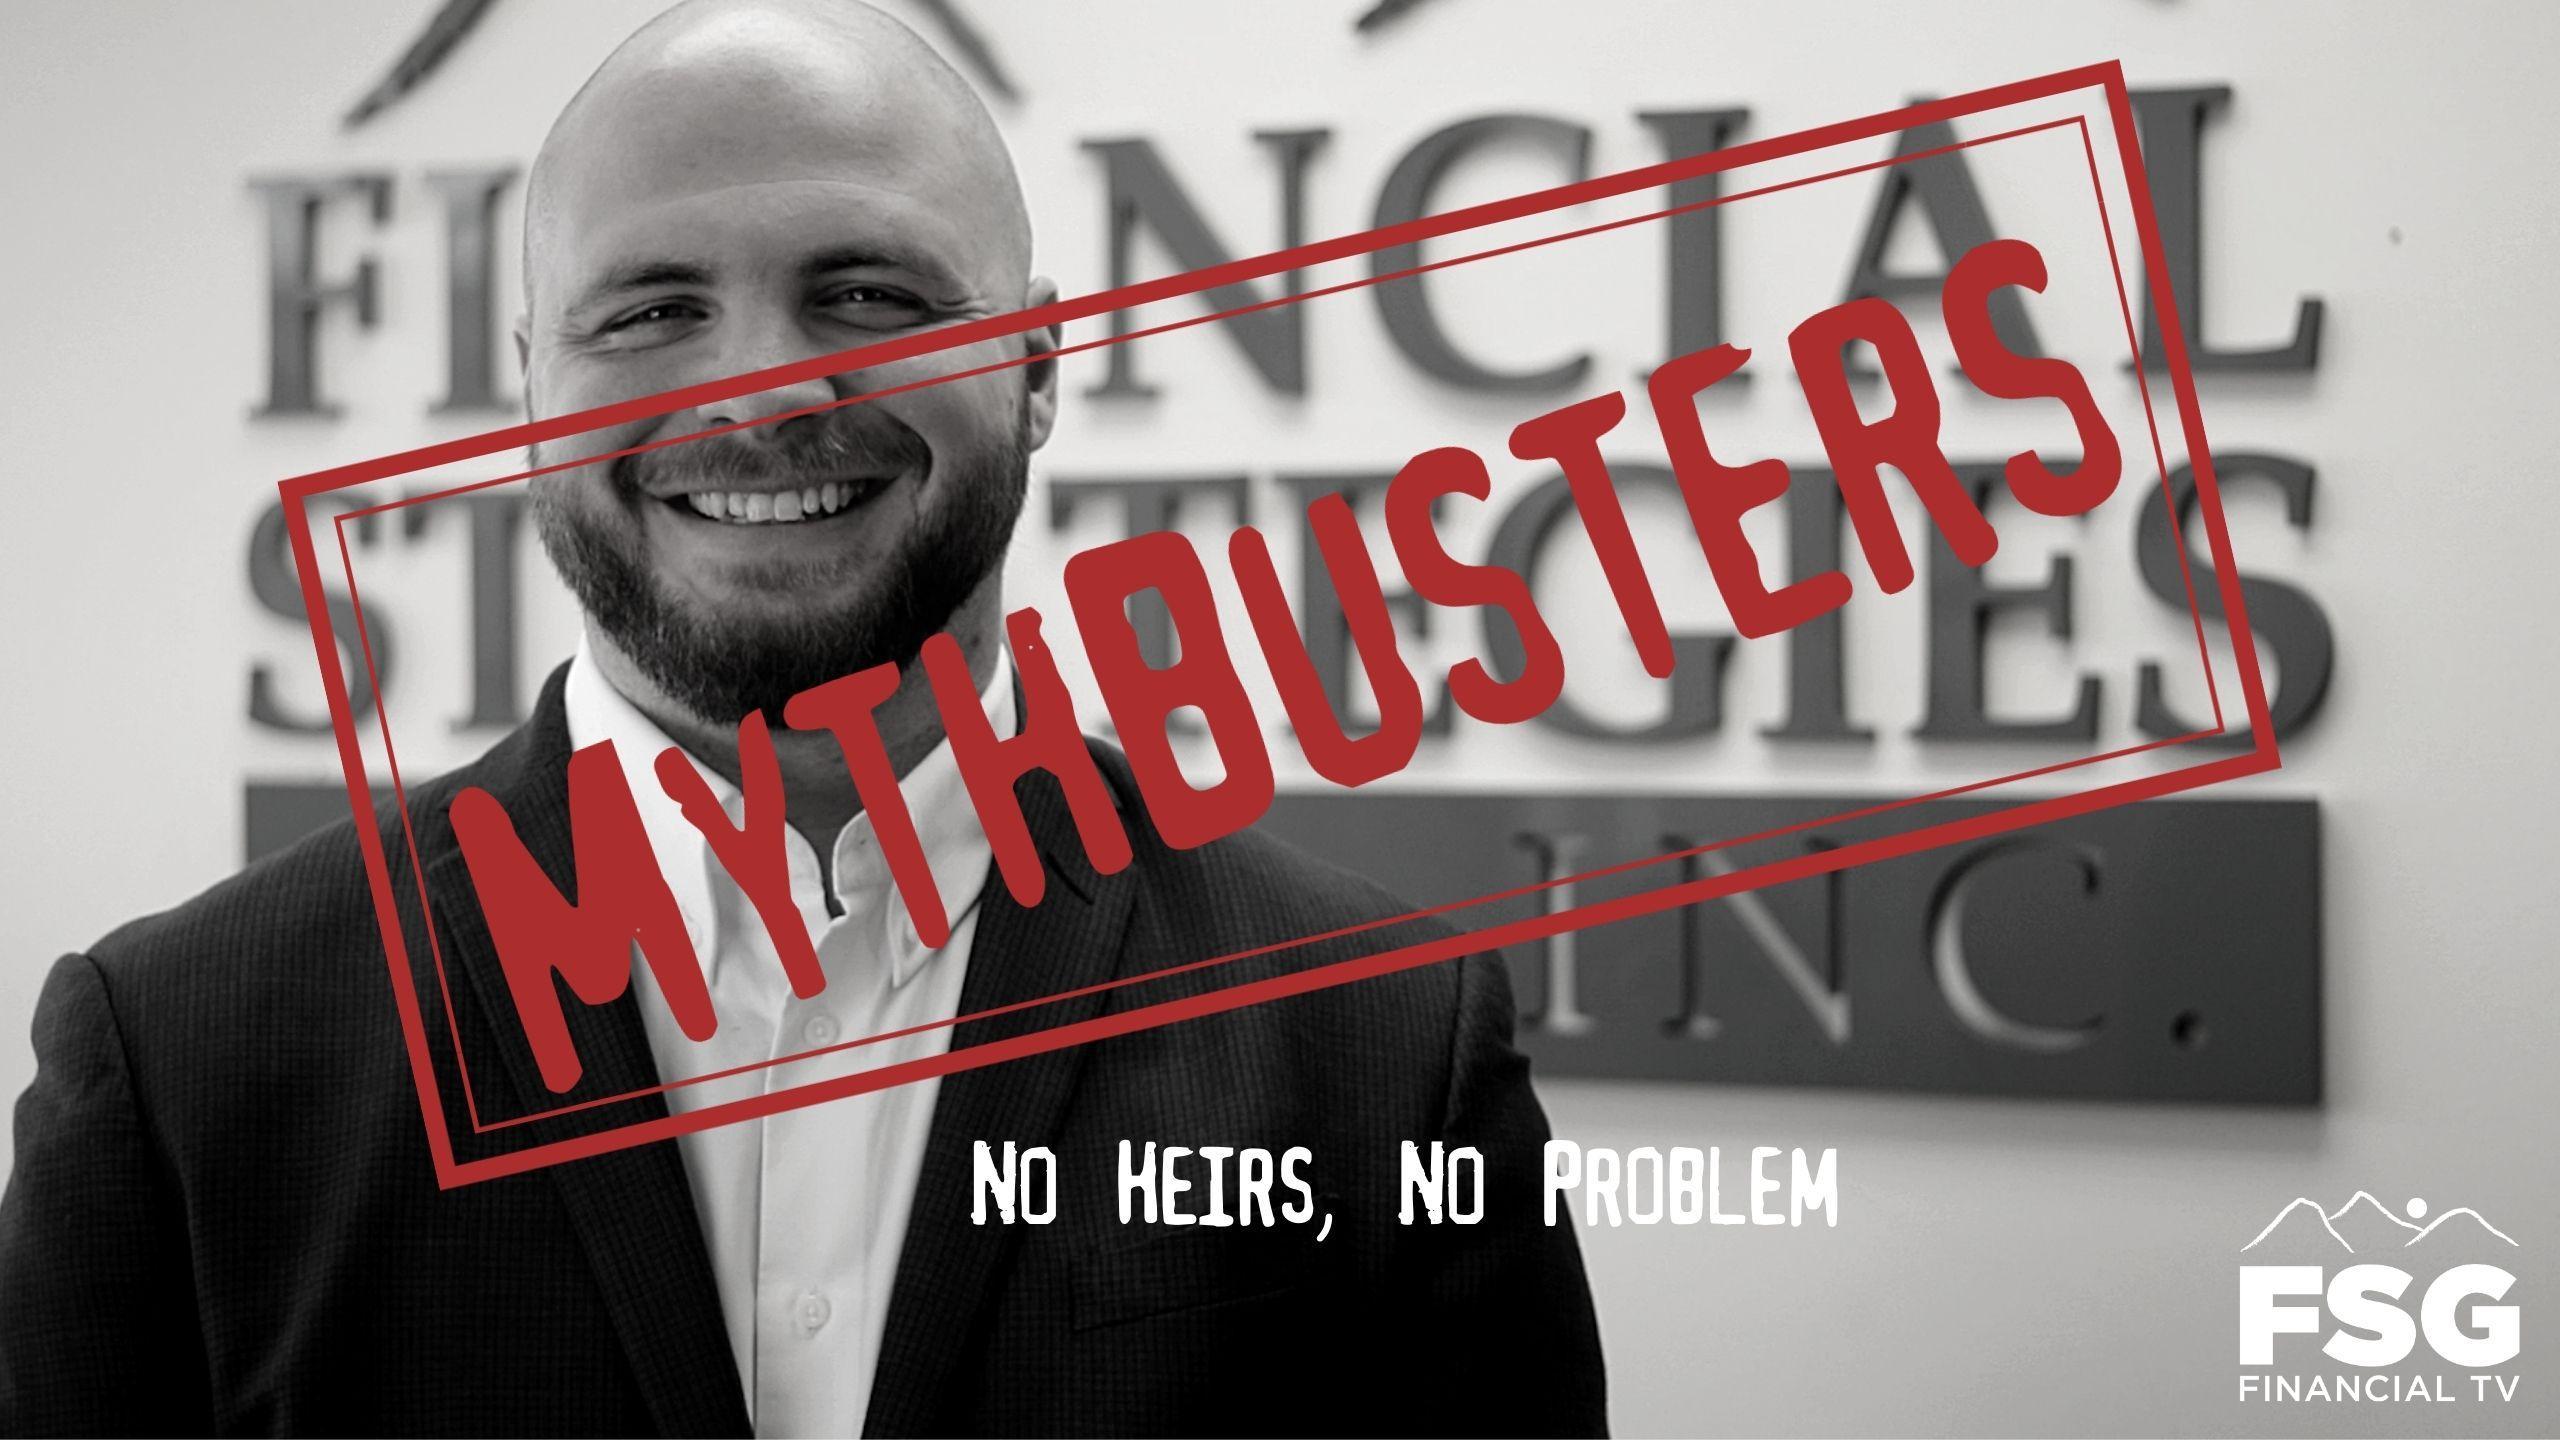 MythBusters: No Heirs, No Problem? Thumbnail